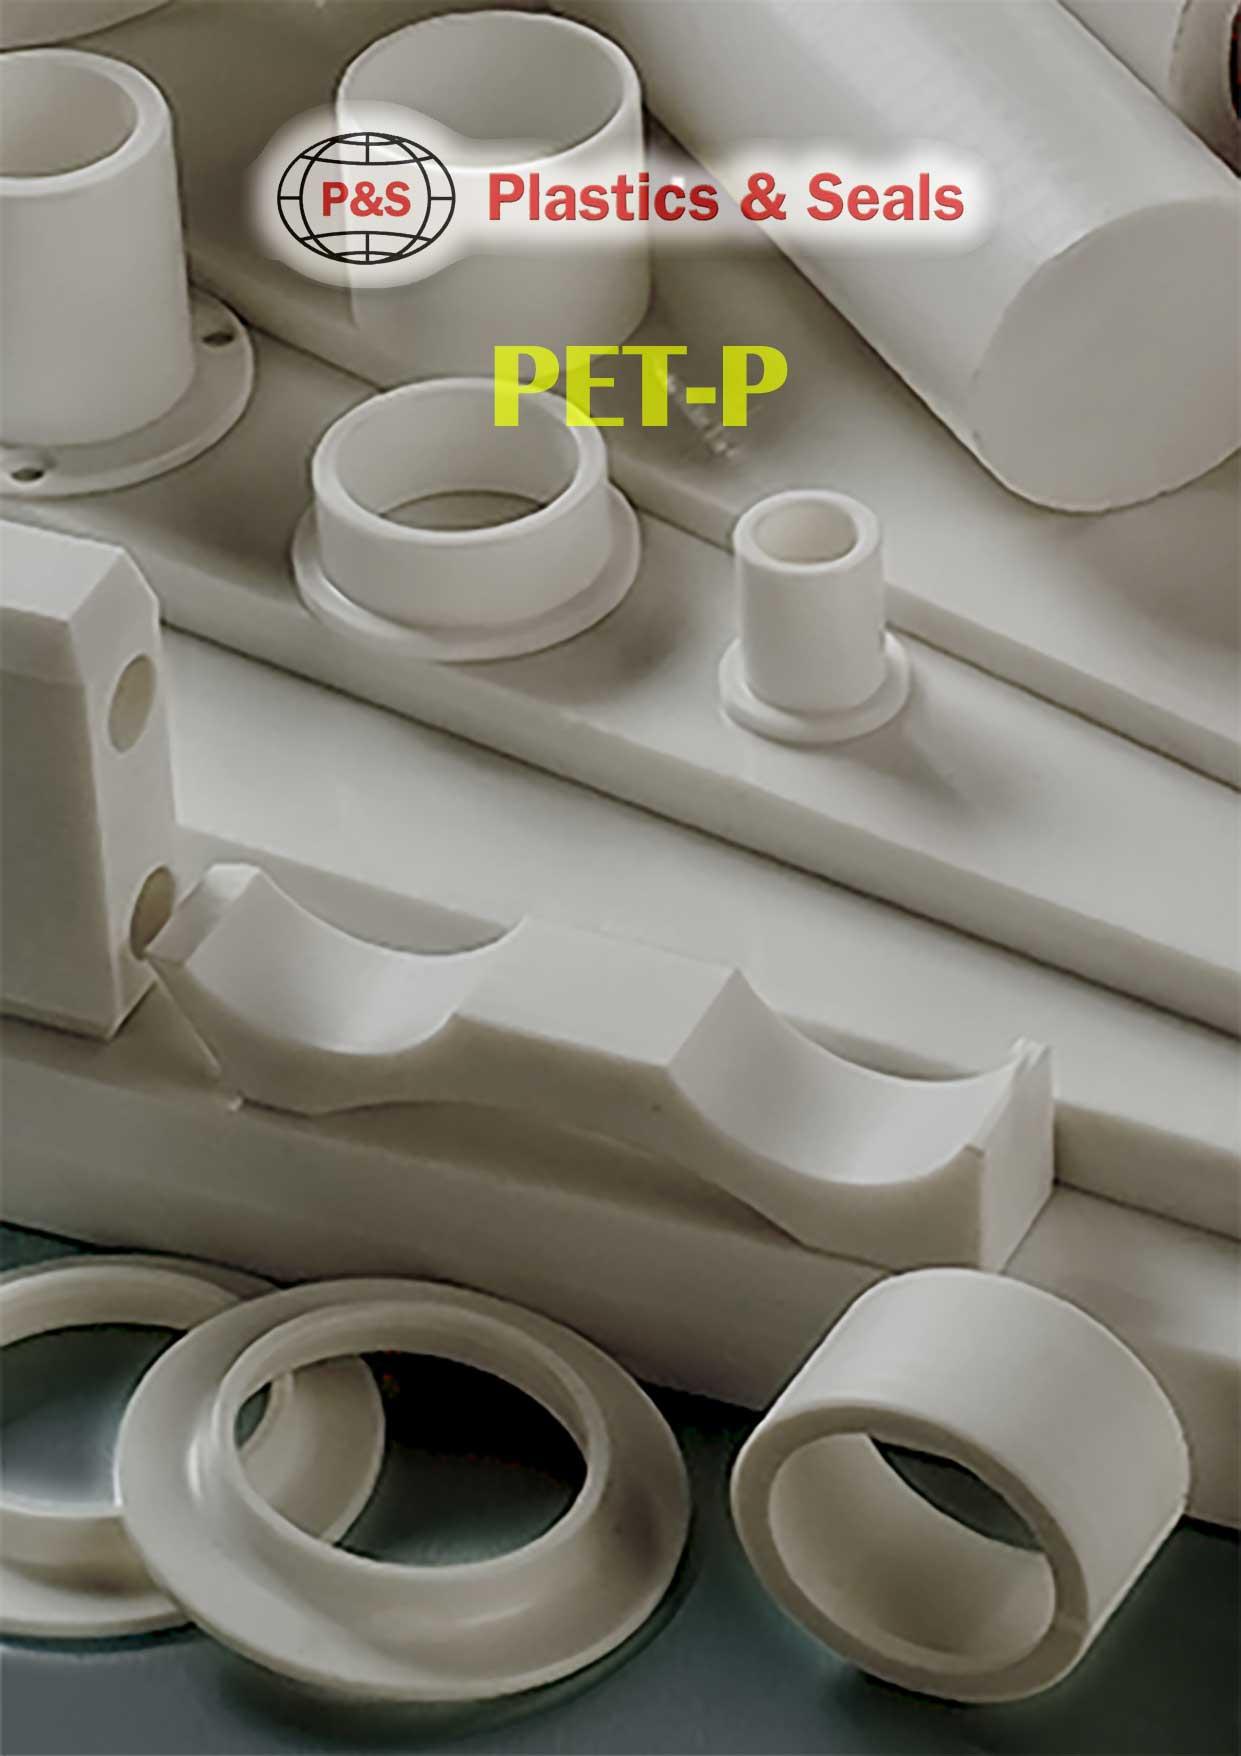 PET-P